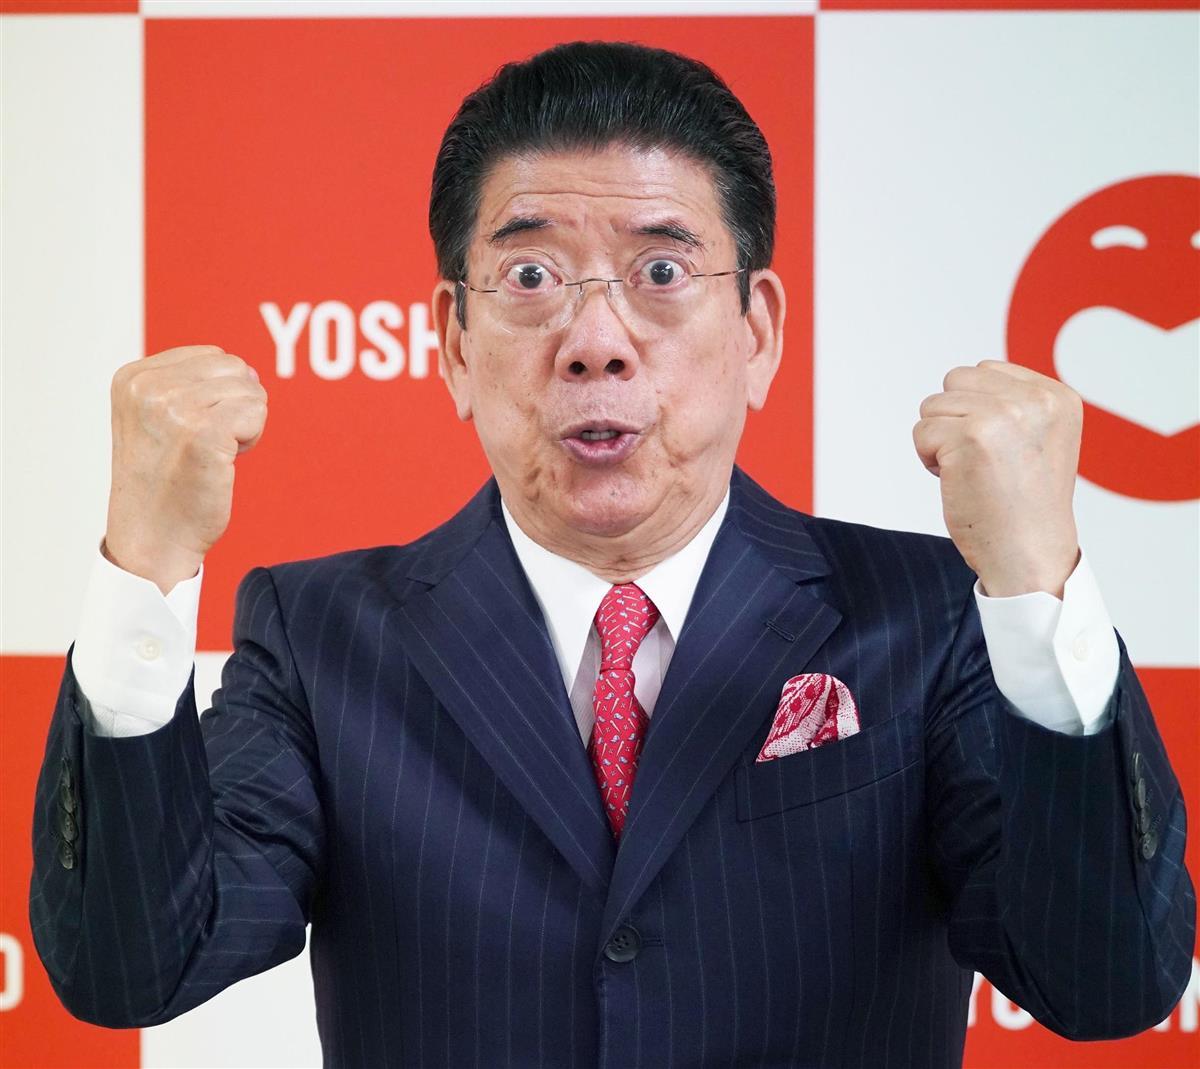 「文化功労者」漫才師・西川きよしさん(74)「やっさん」と妻…